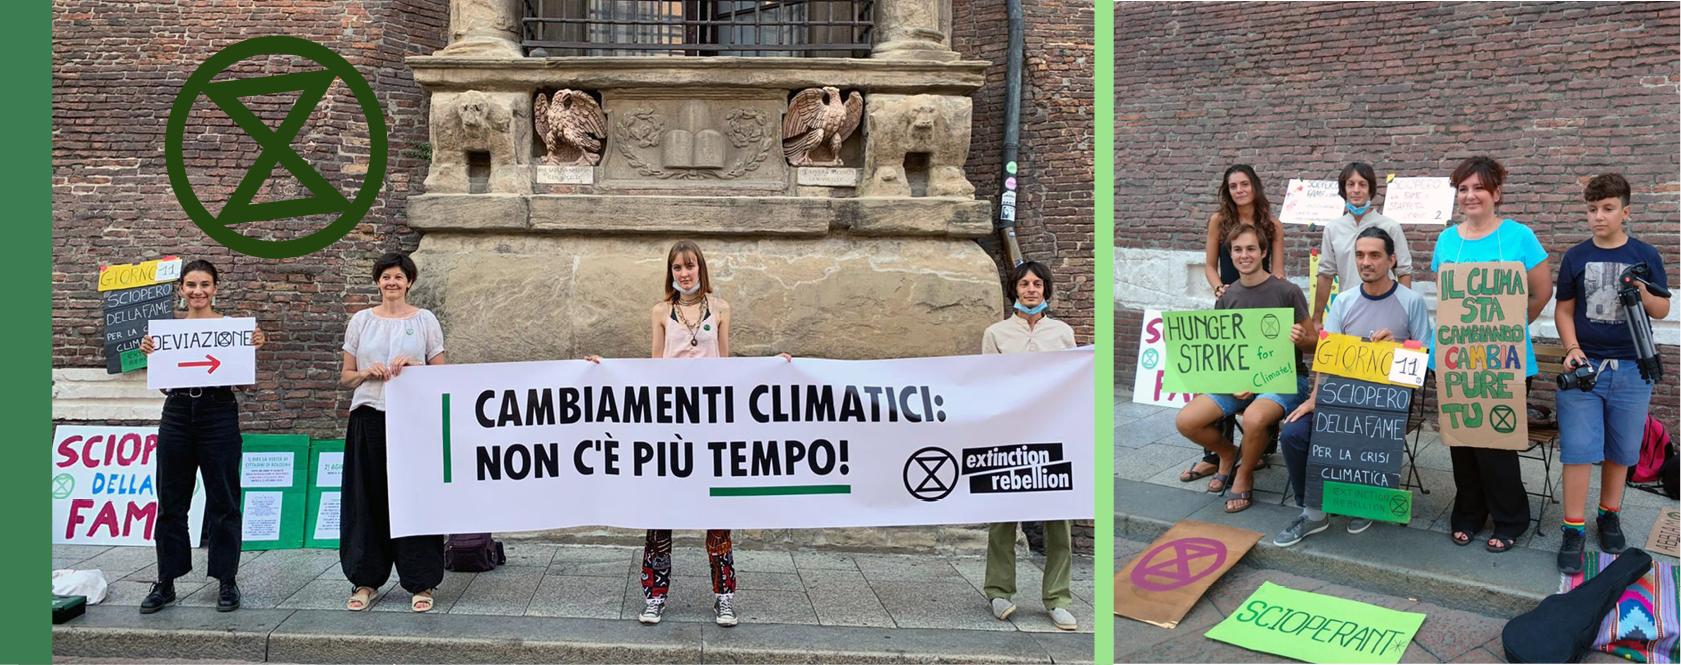 Anche la nostra casa è in fiamme: agire contro la crisi climatica e ambientale in Italia. Secondo appuntamento con Extinction Rebellion e Giudizio Universale